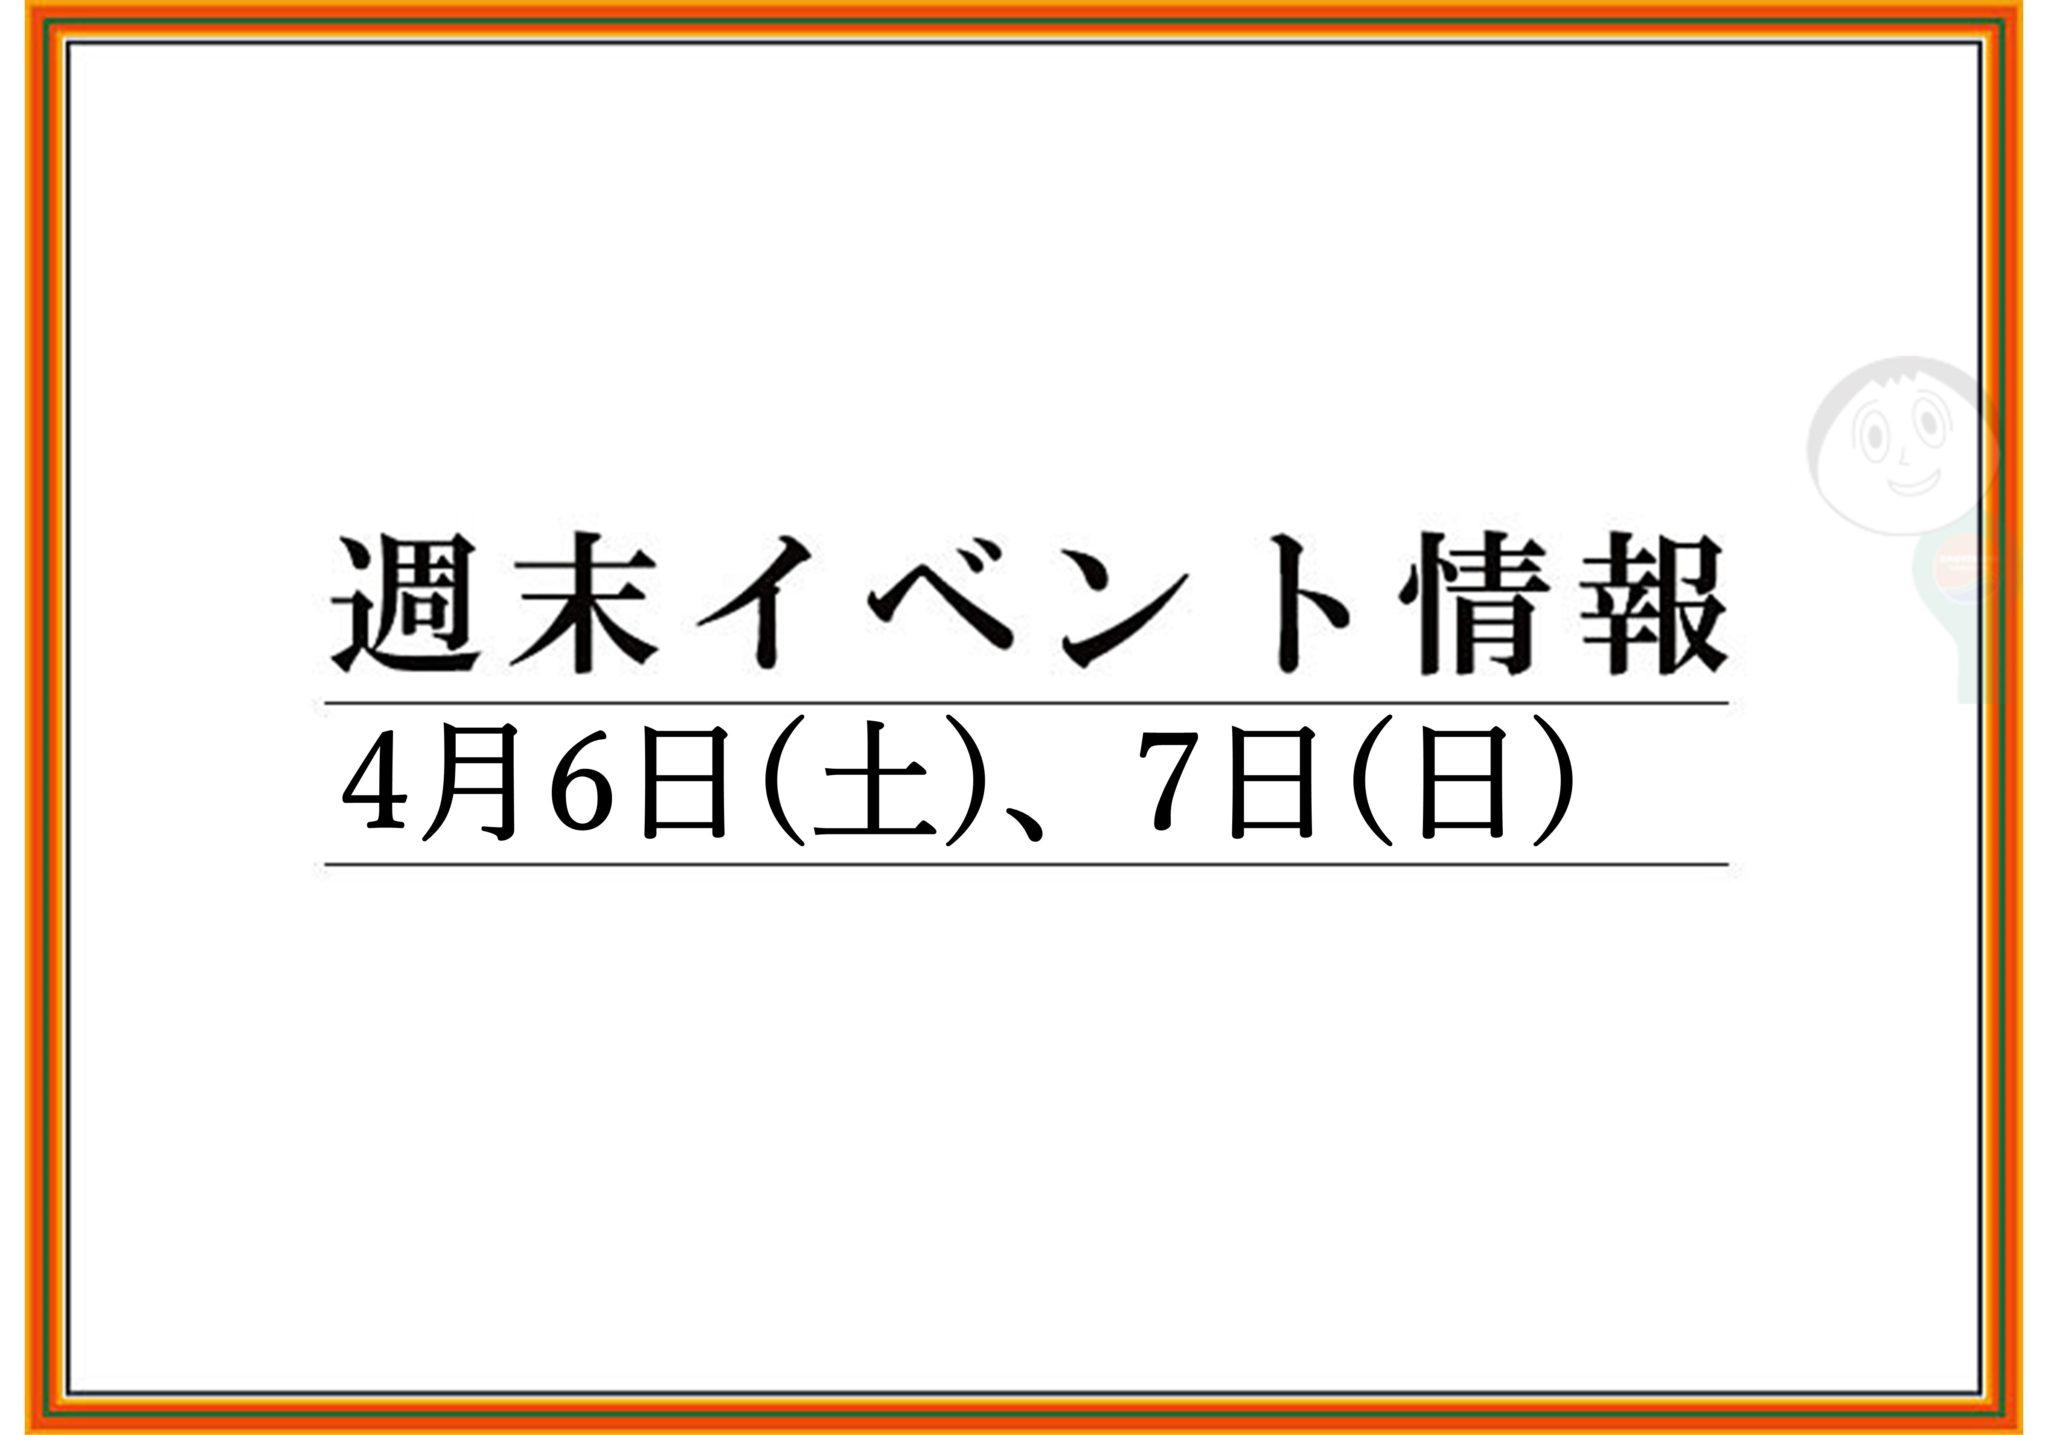 山形/上山/天童の週末イベント情報 4月6日(土),7日(日)